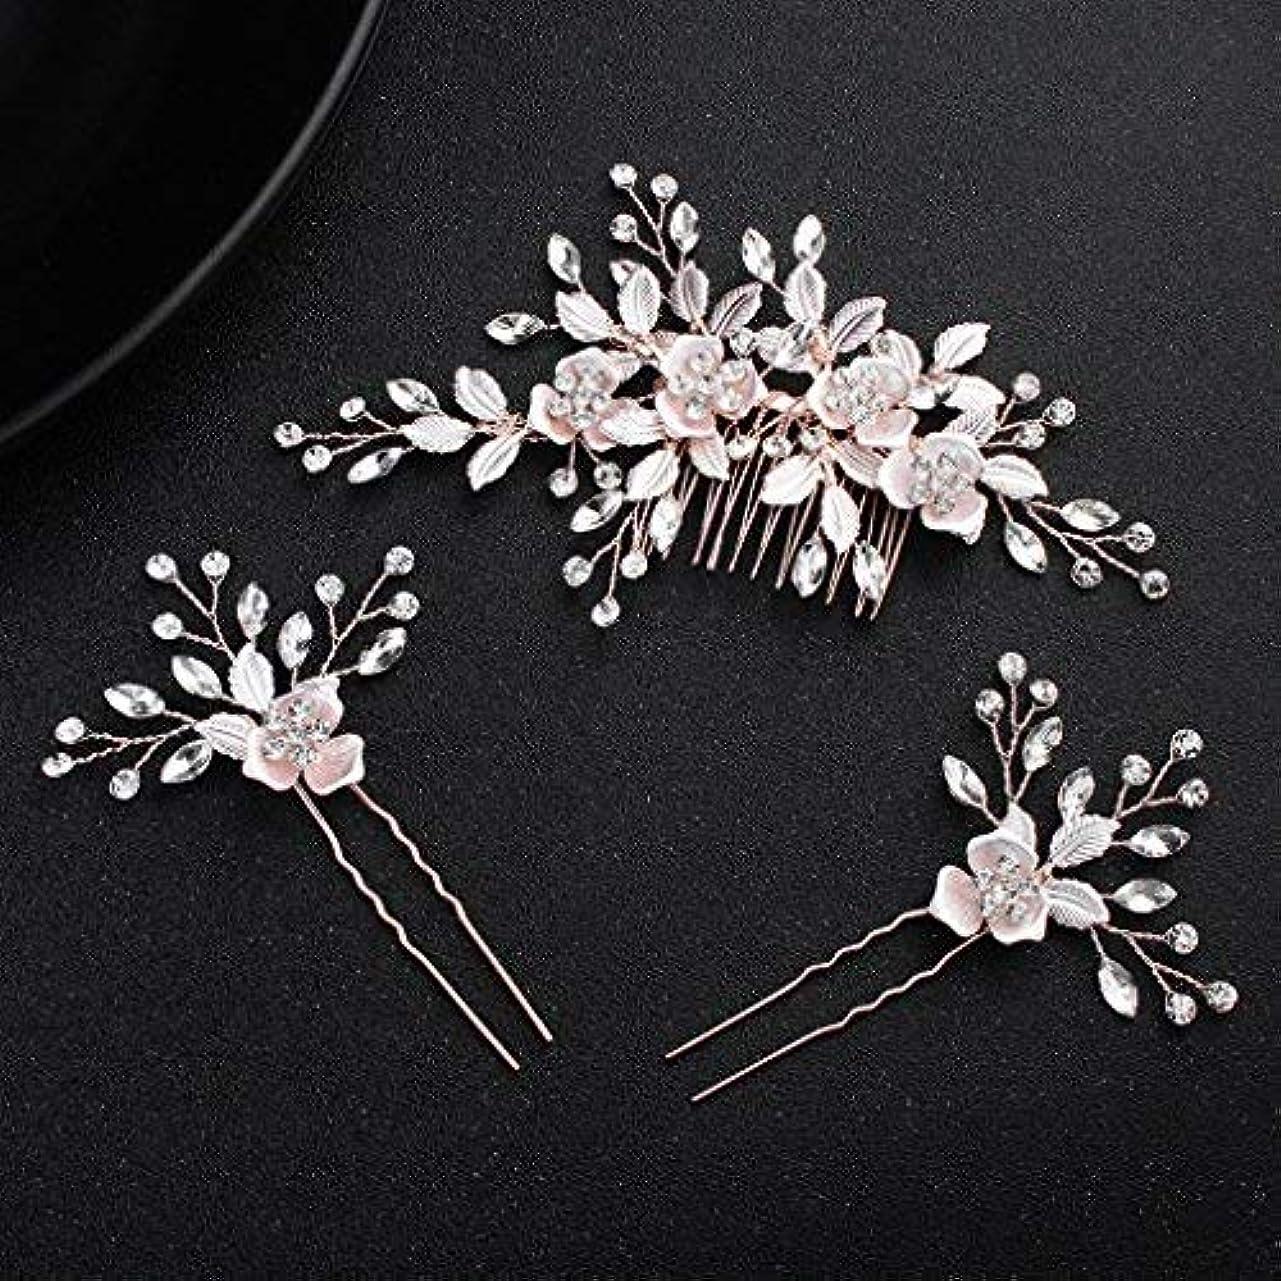 優遇メーカー再びobqoo Crystal Flowers Style Colorful Leaves Metal Bridal Hair Comb with 2 pcs Pins Rose Gold [並行輸入品]